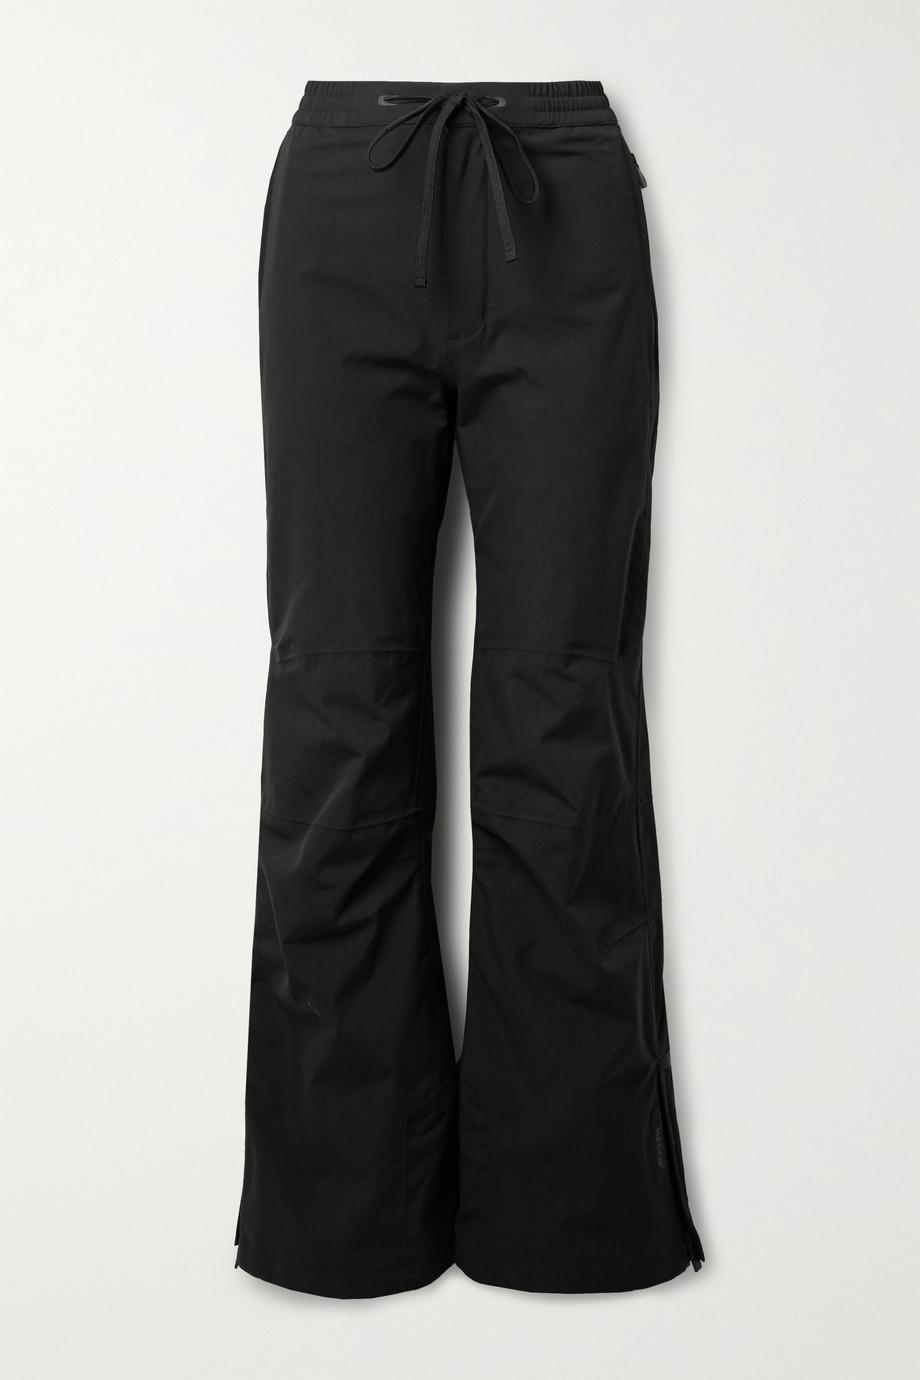 TEMPLA 2L Howqua flared ski pants